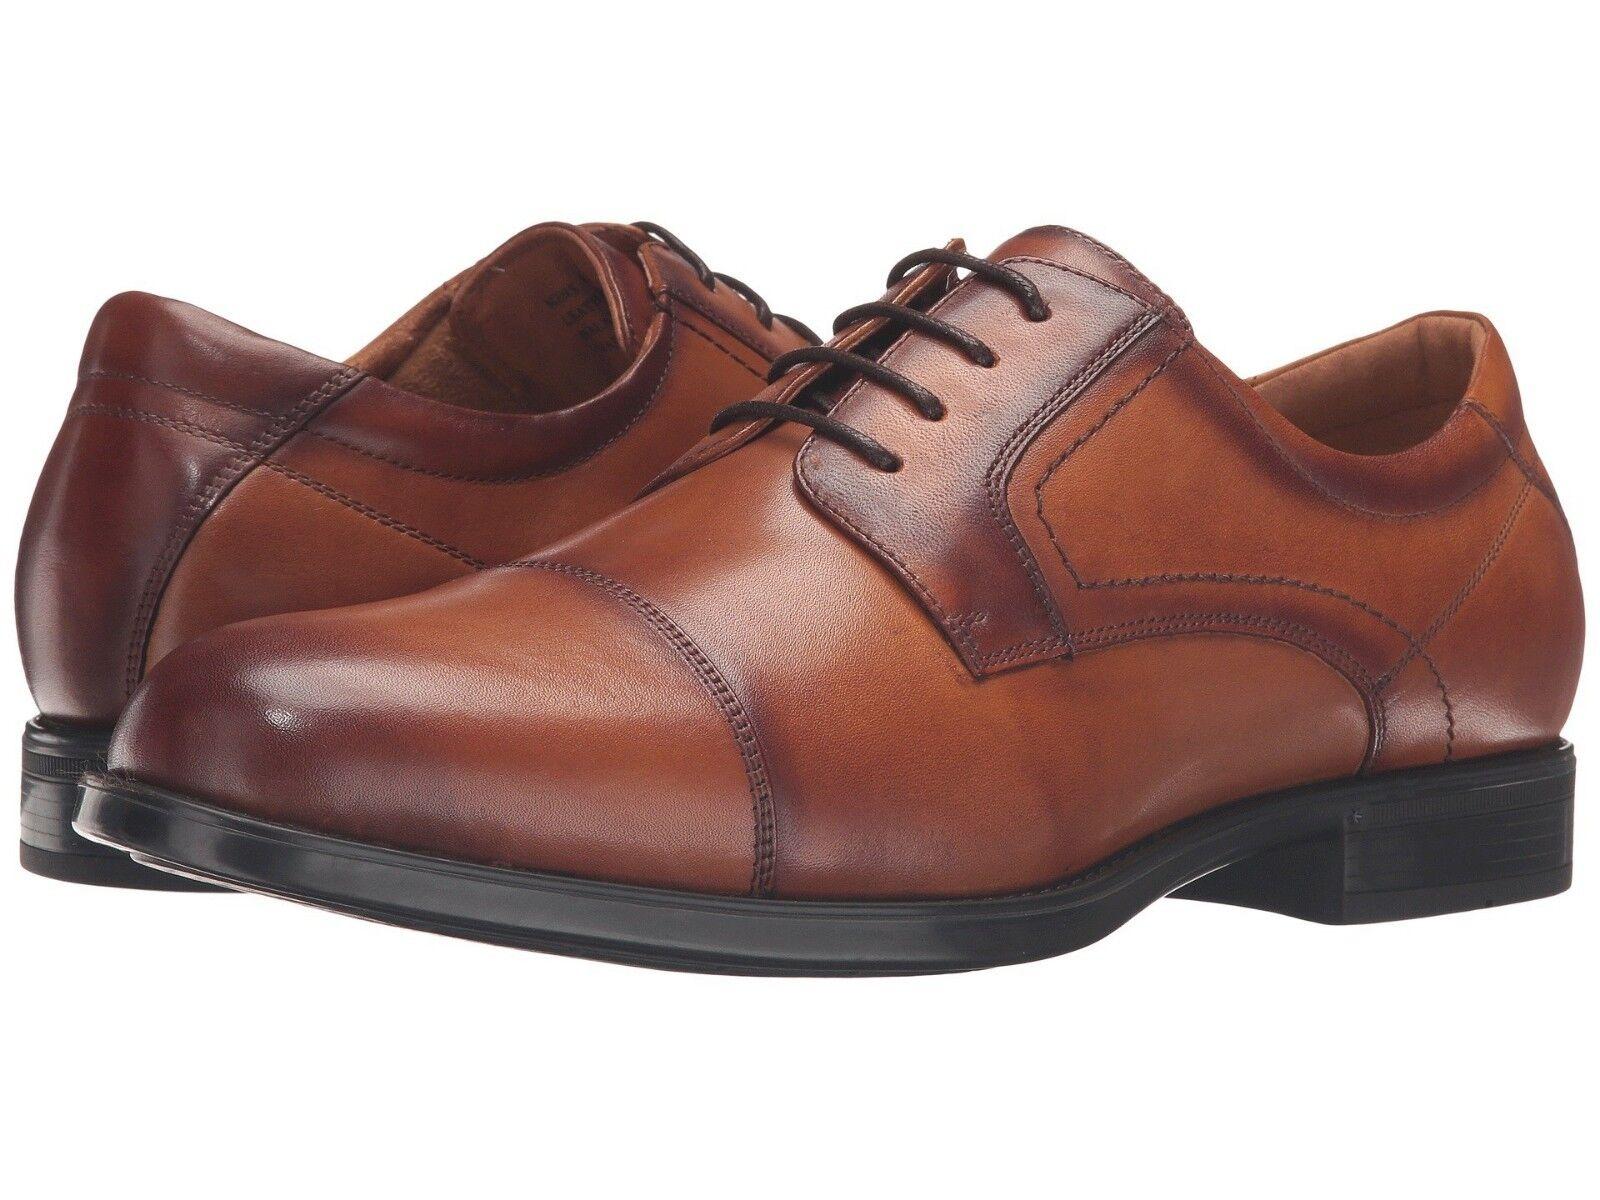 Florsheim Men's Midtown Cap Toe Oxford Cognac US Sizes Widths